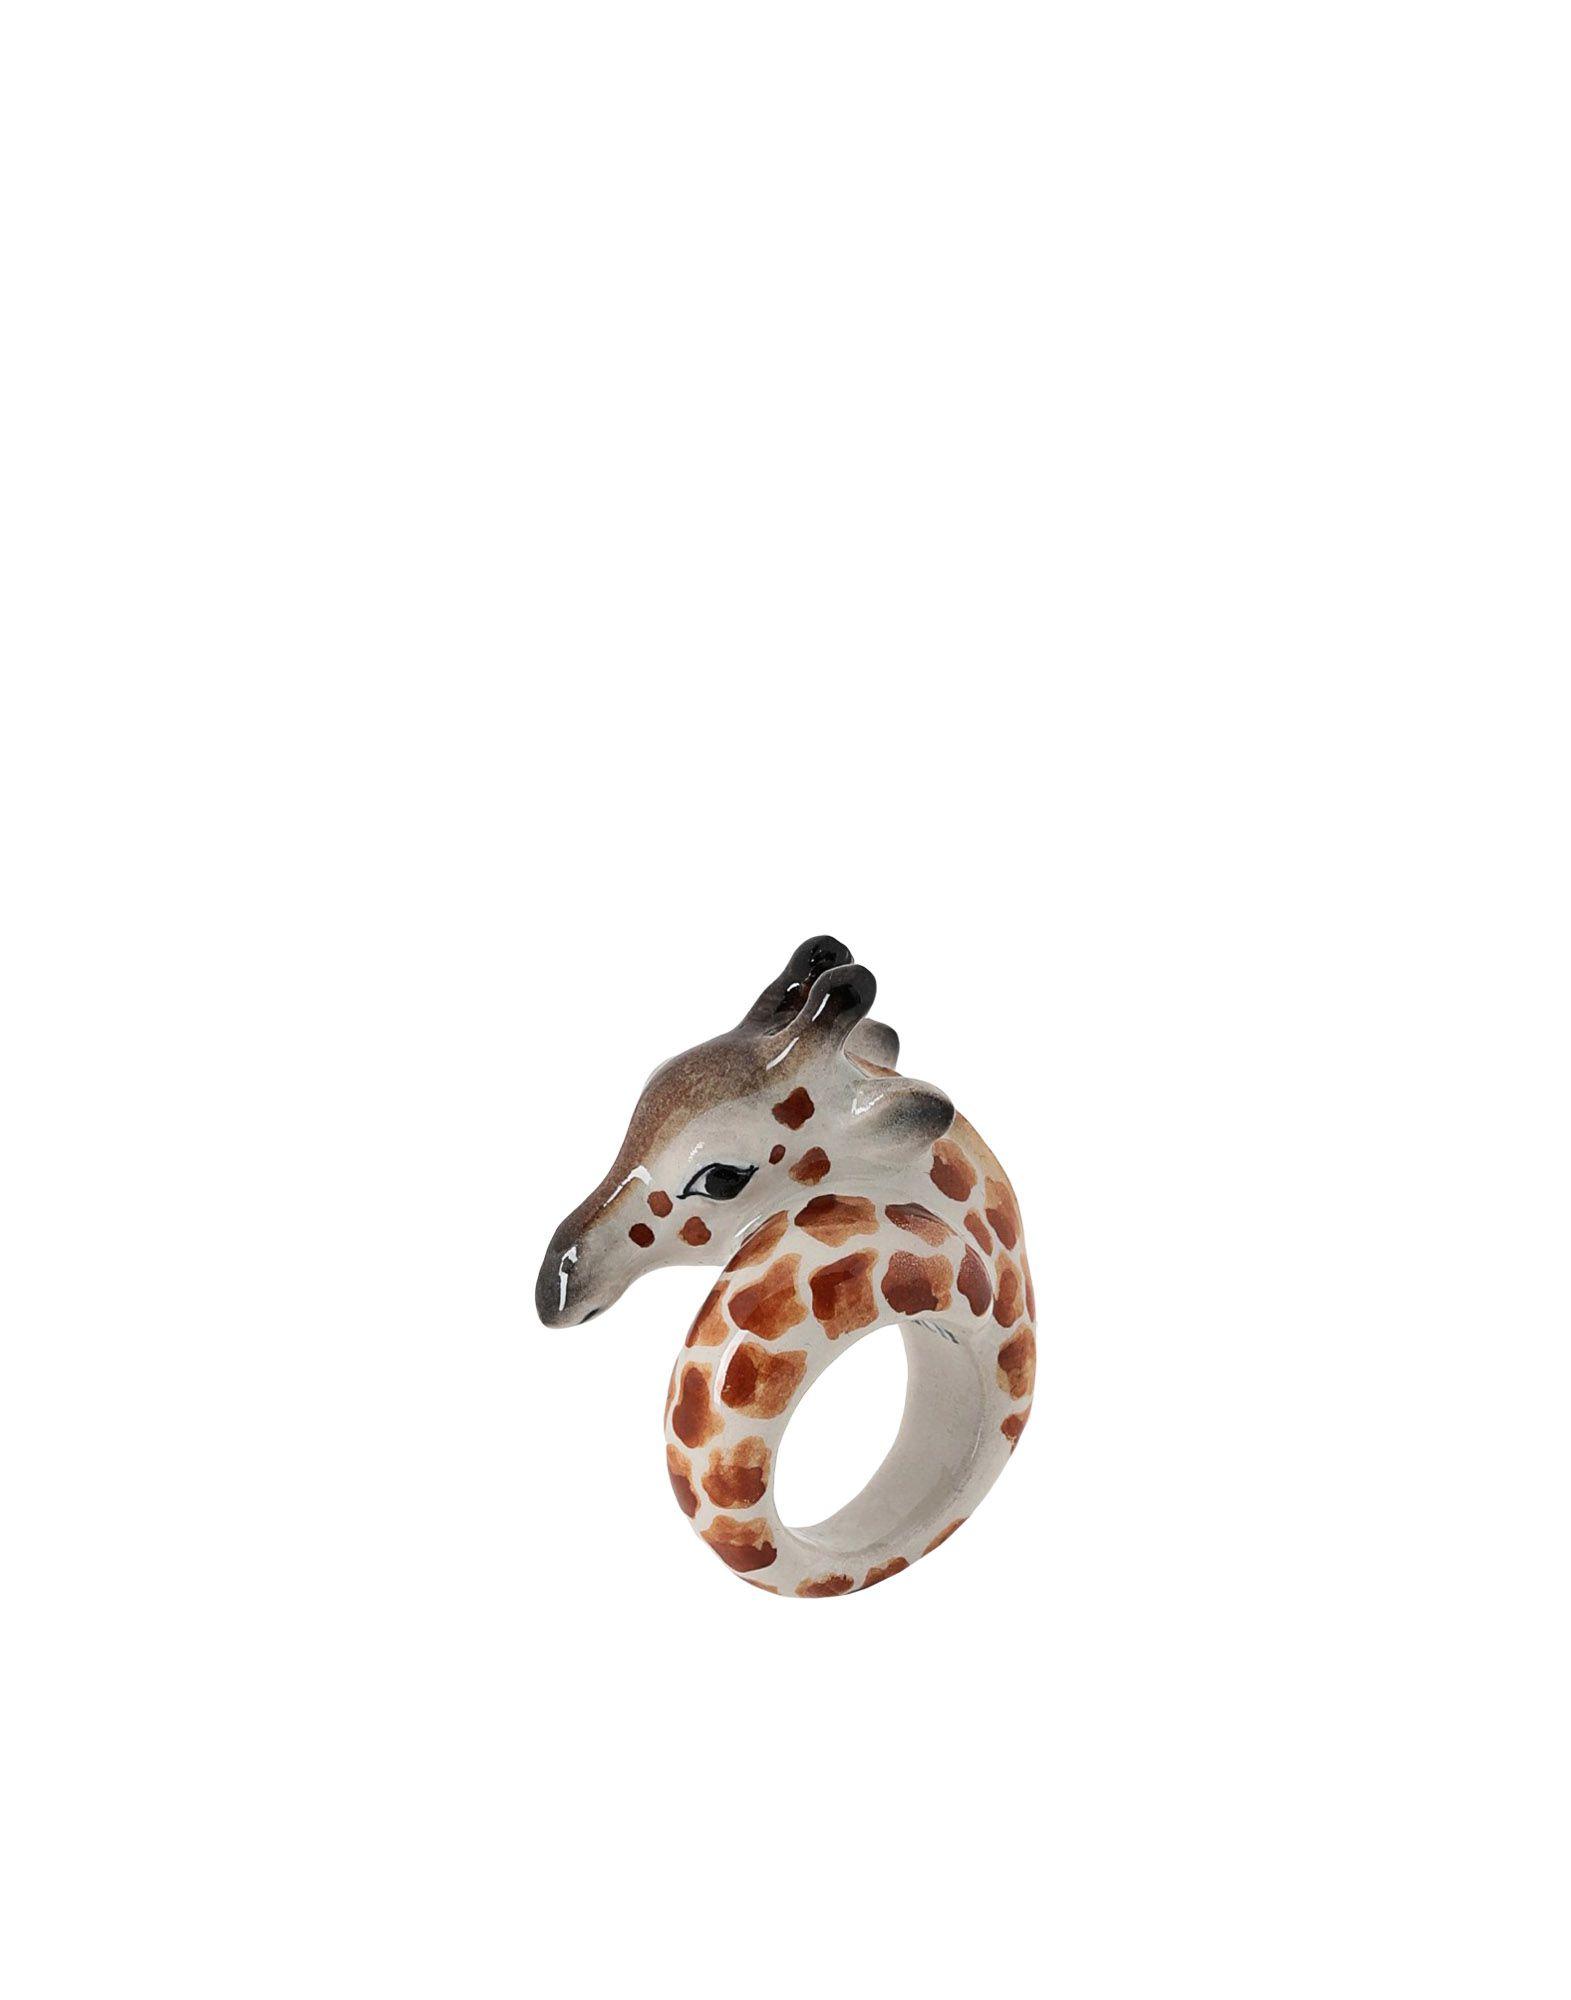 《期間限定 セール開催中》NACH レディース 指輪 ブラウン M セラミック 100% Giraffe ring